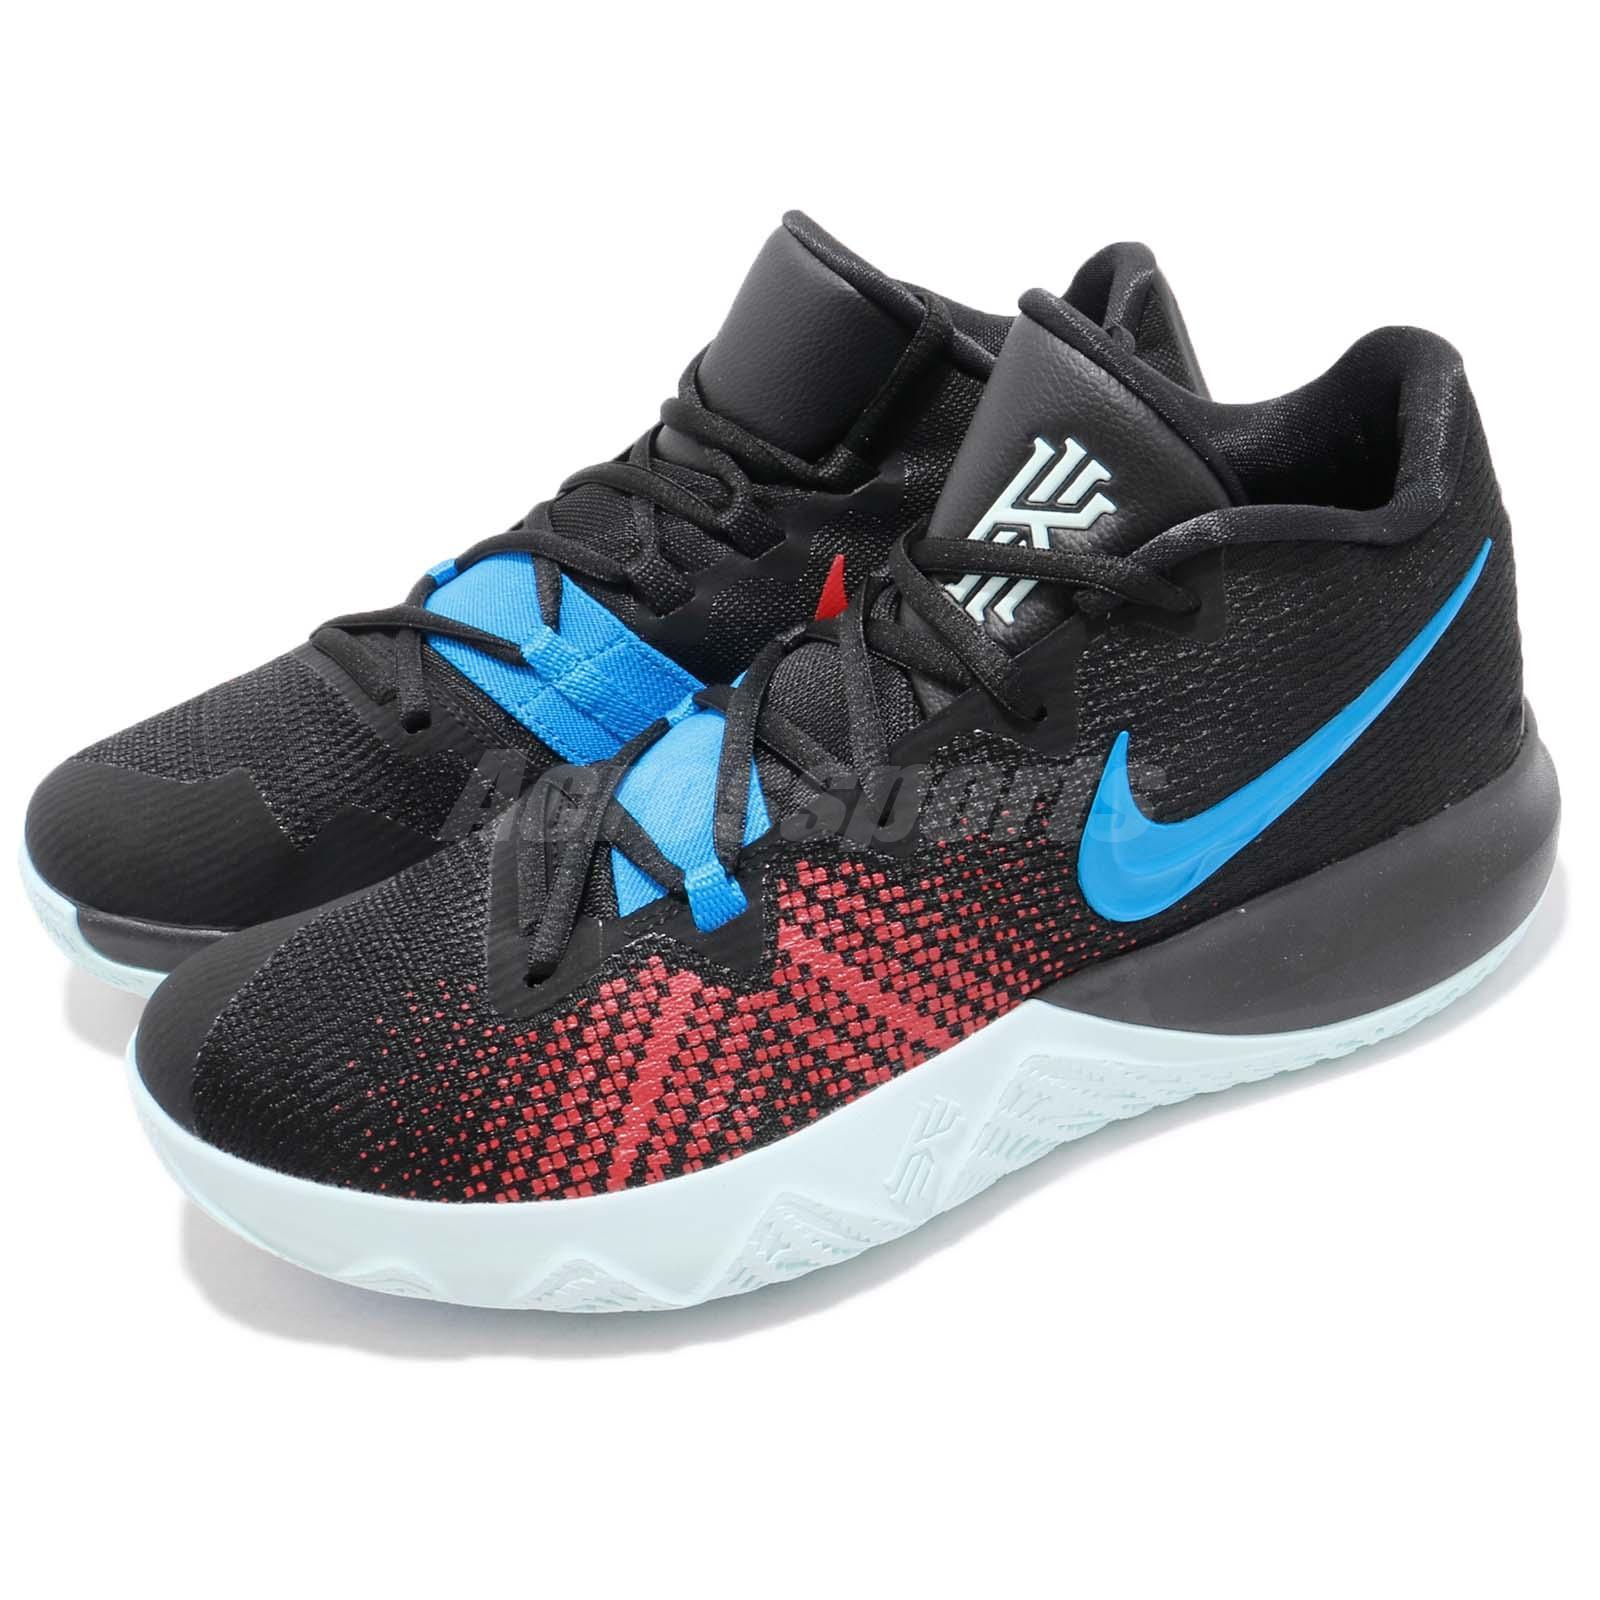 267af486279 Details about Nike Kyrie Flytrap EP Irving Black Blue Red Men Basketball  Shoes AJ1935-002